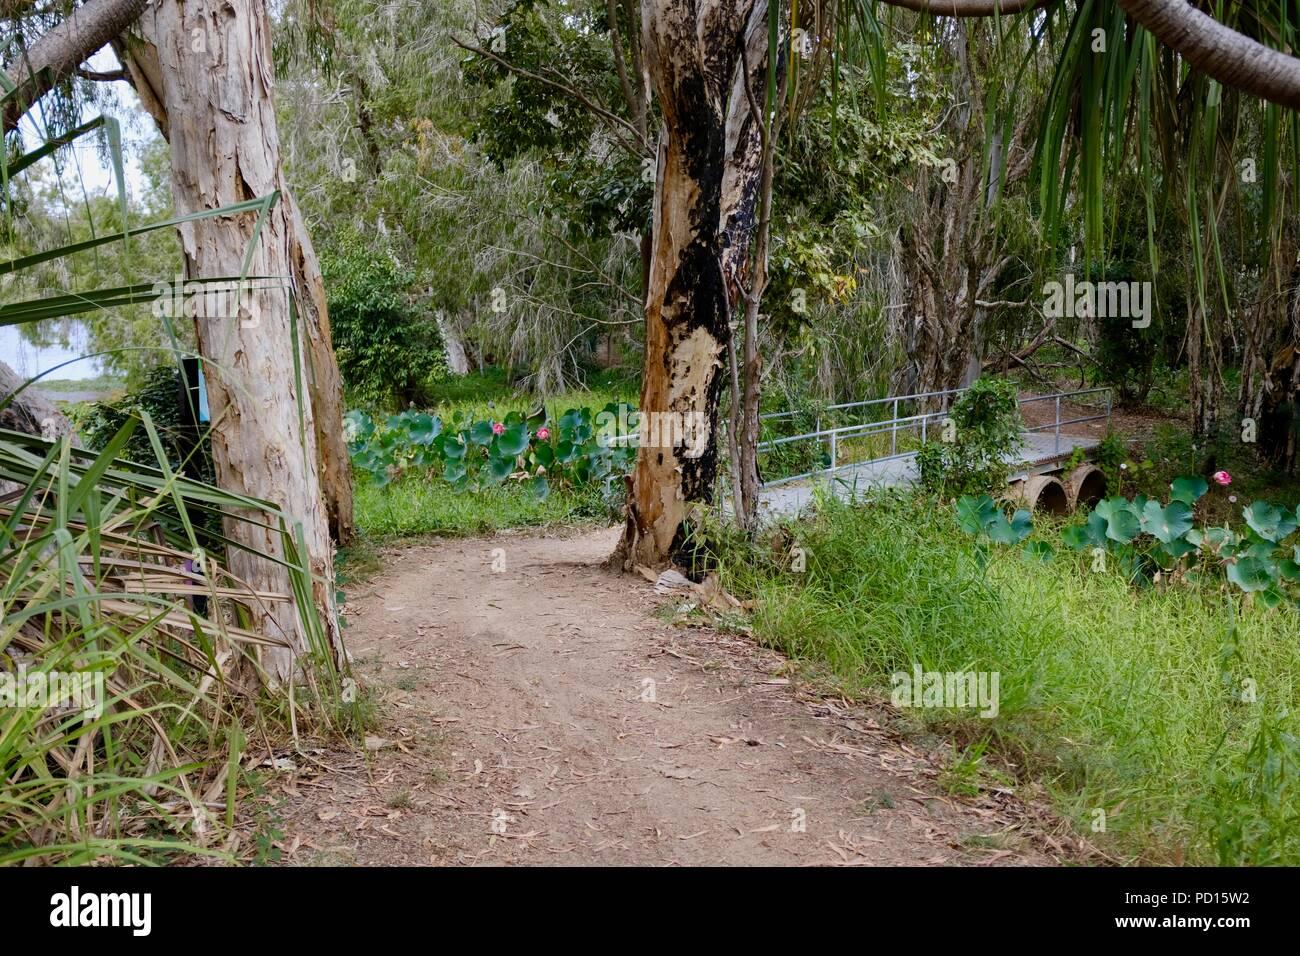 Un pequeño puente que cruza un río rama, Booroona sendero en el Ross River, Rasmussen QLD 4815, Australia Foto de stock